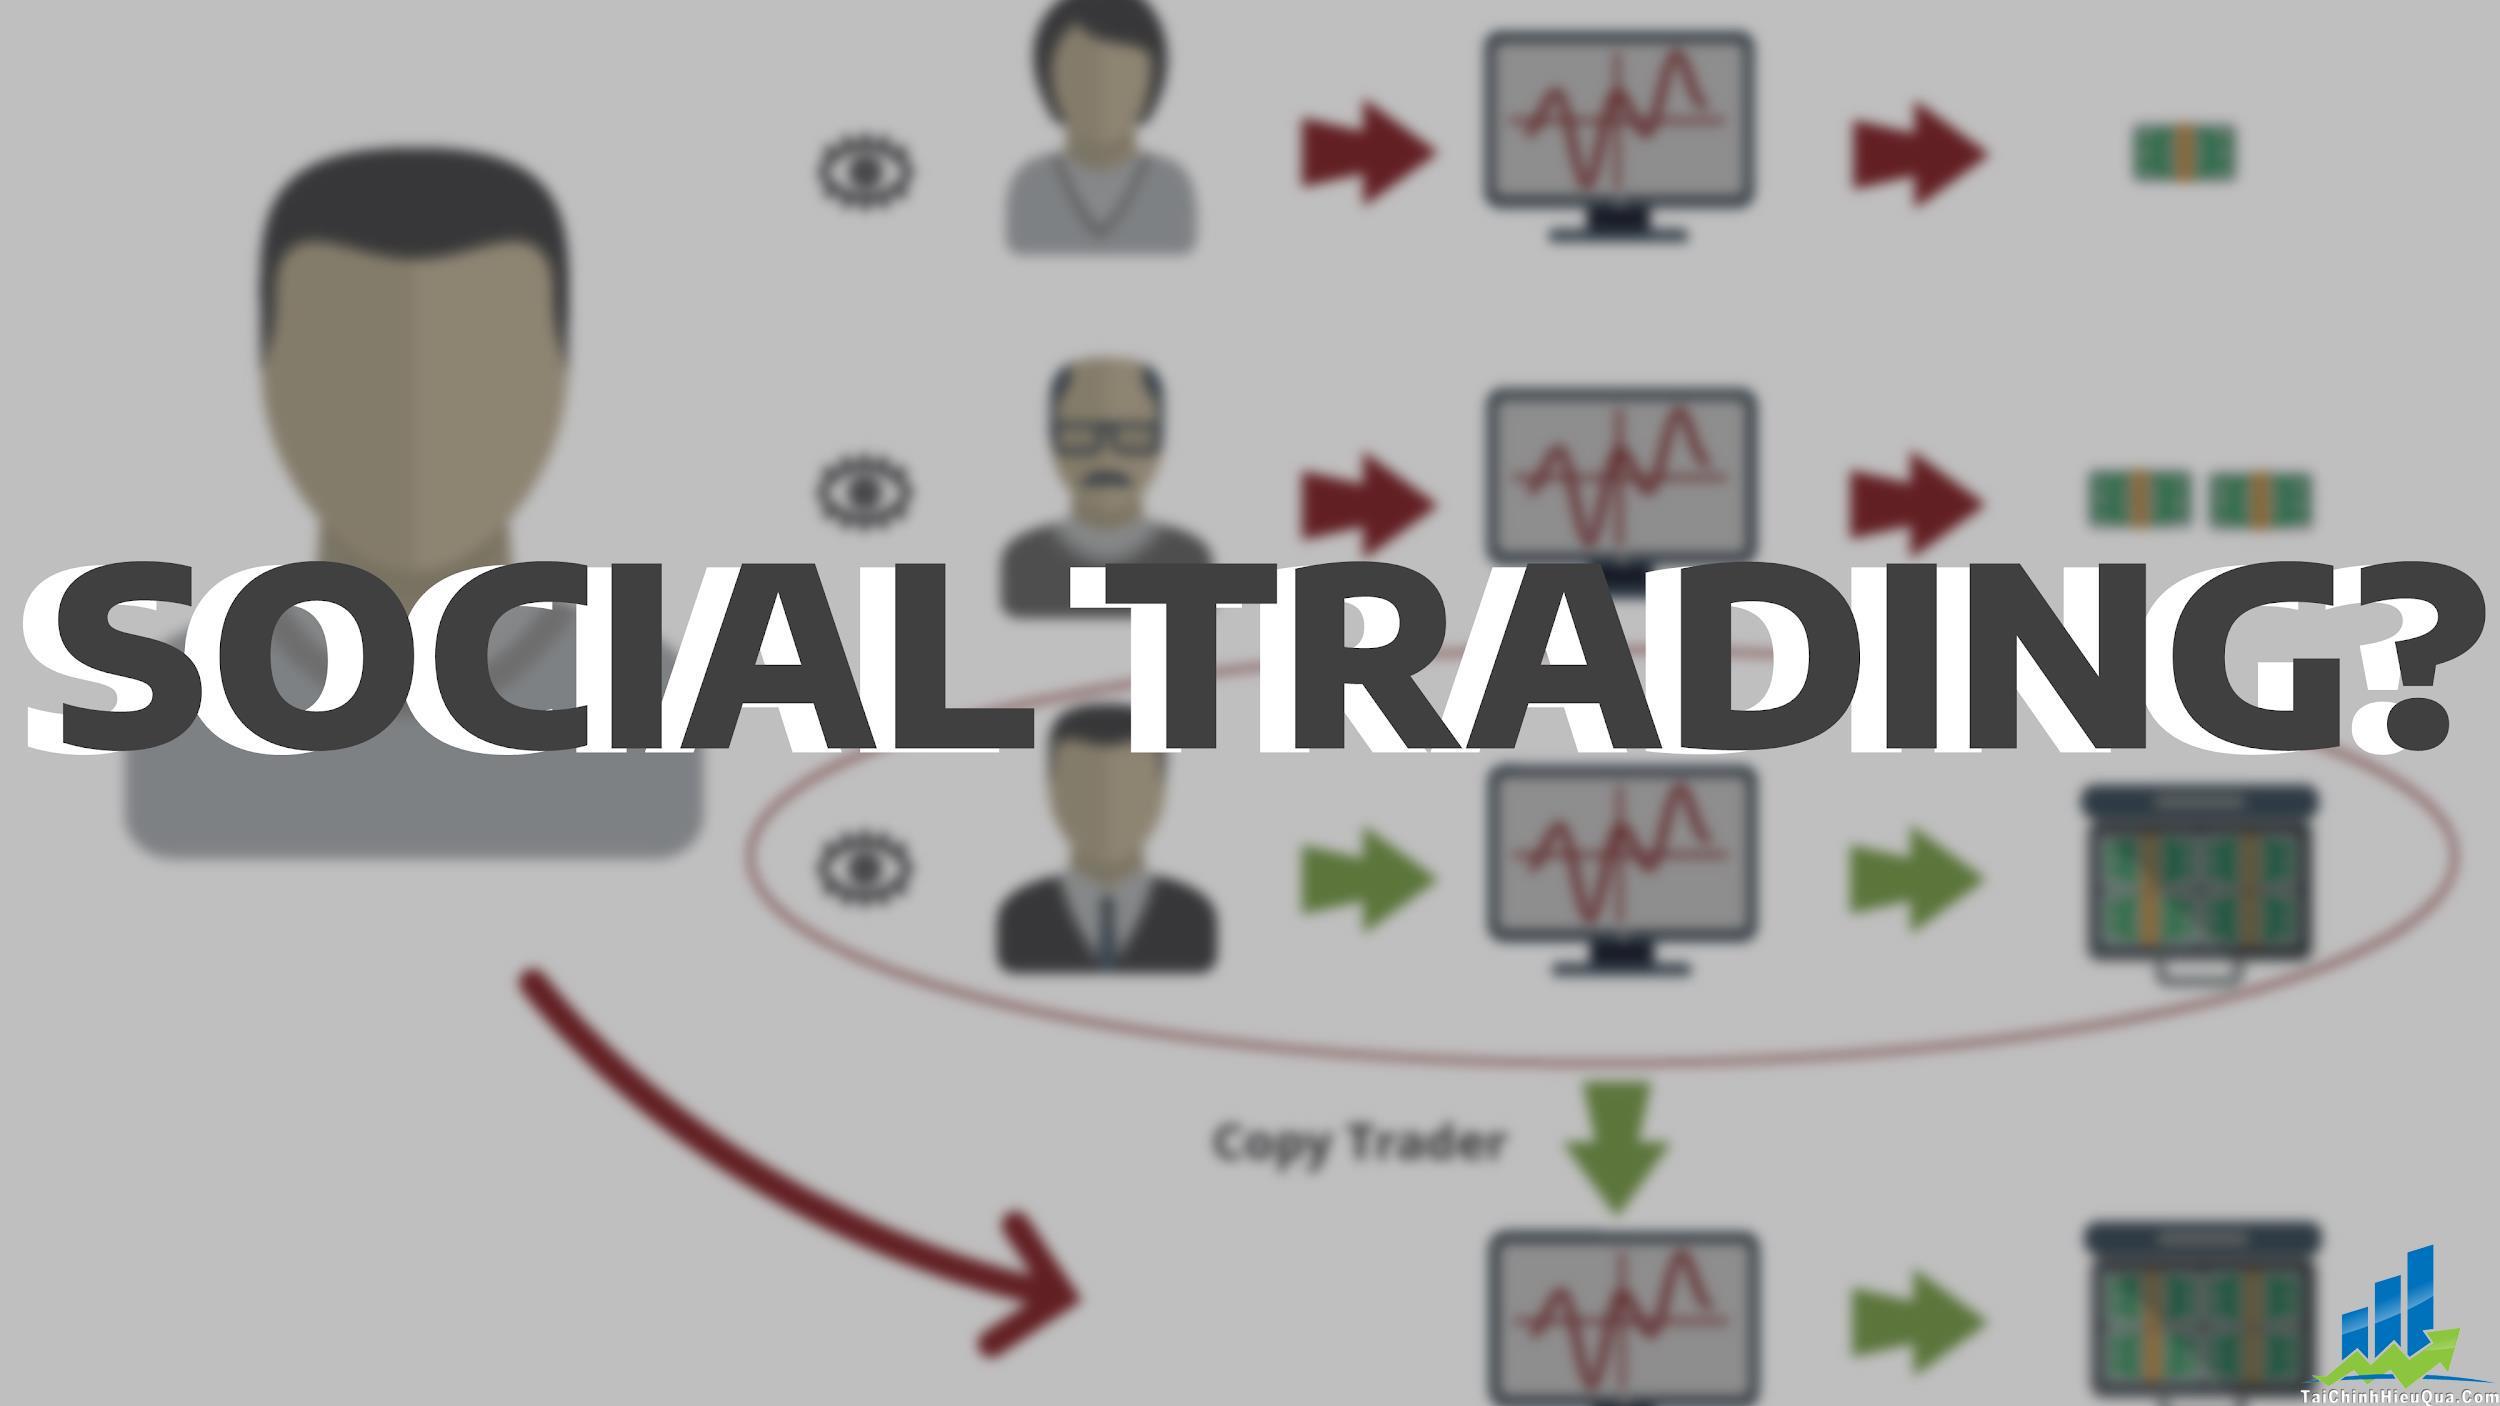 social-trading-1